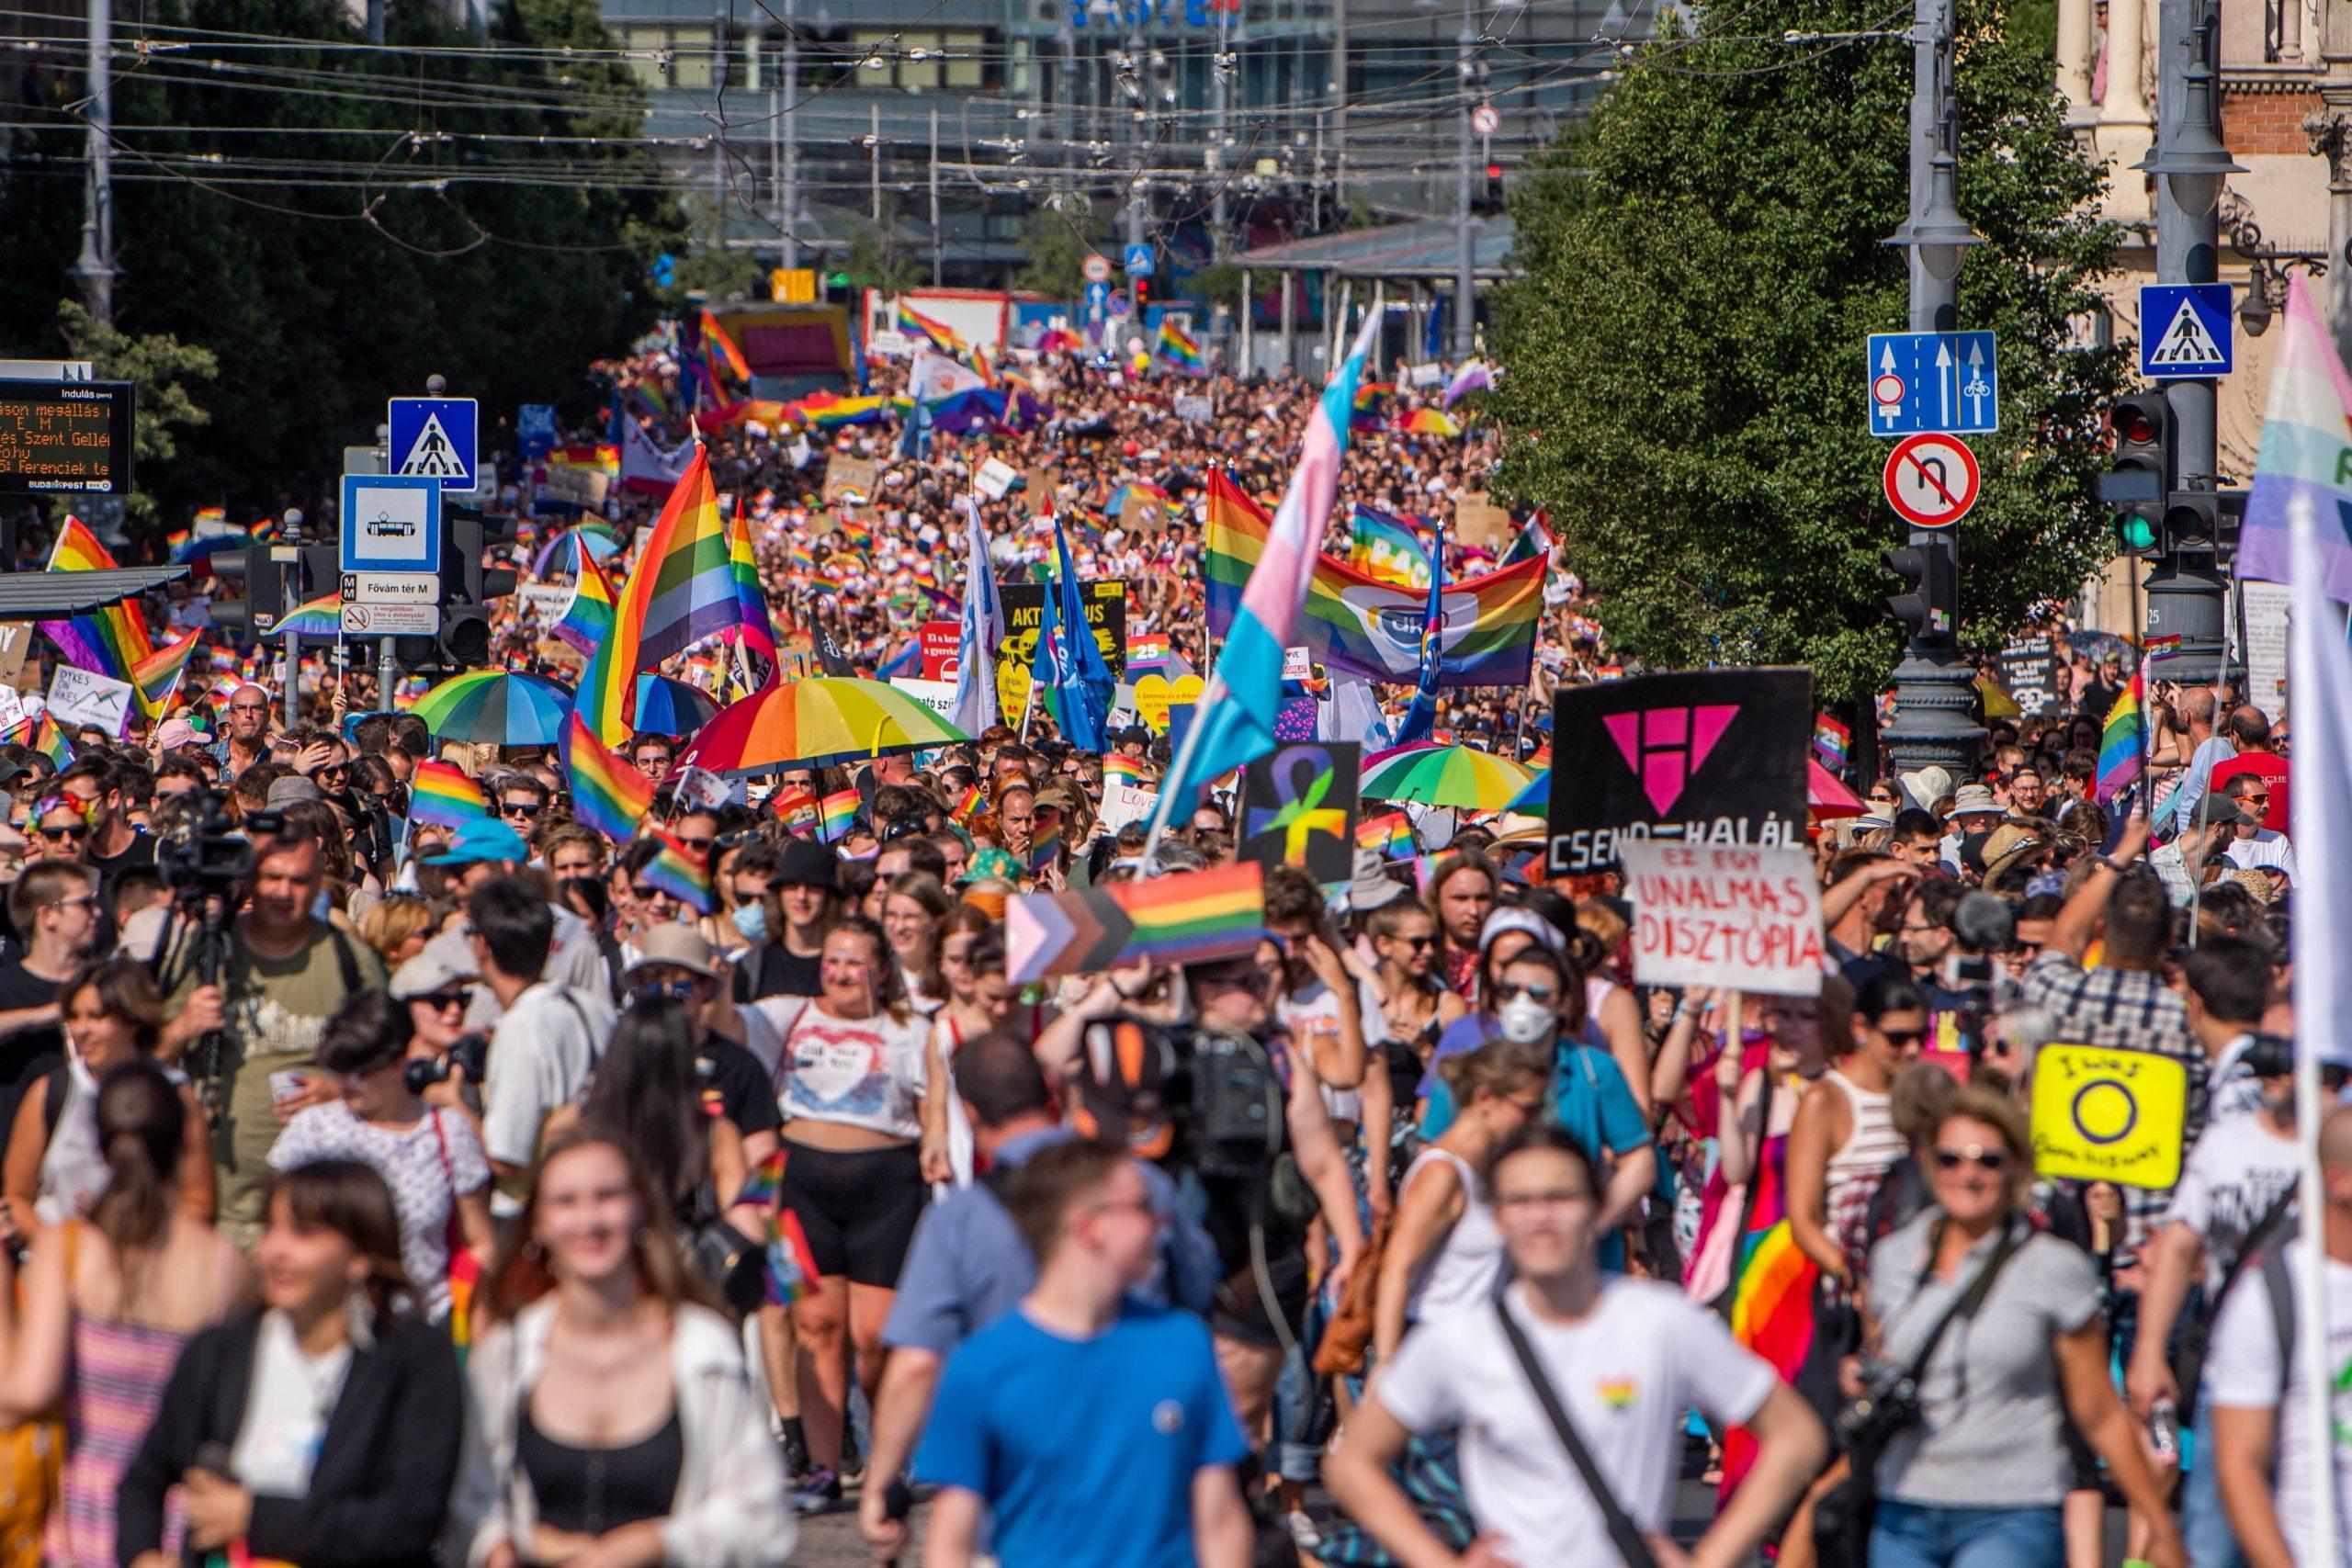 Budapost: Streit um Kinderschutzgesetz geht weiter